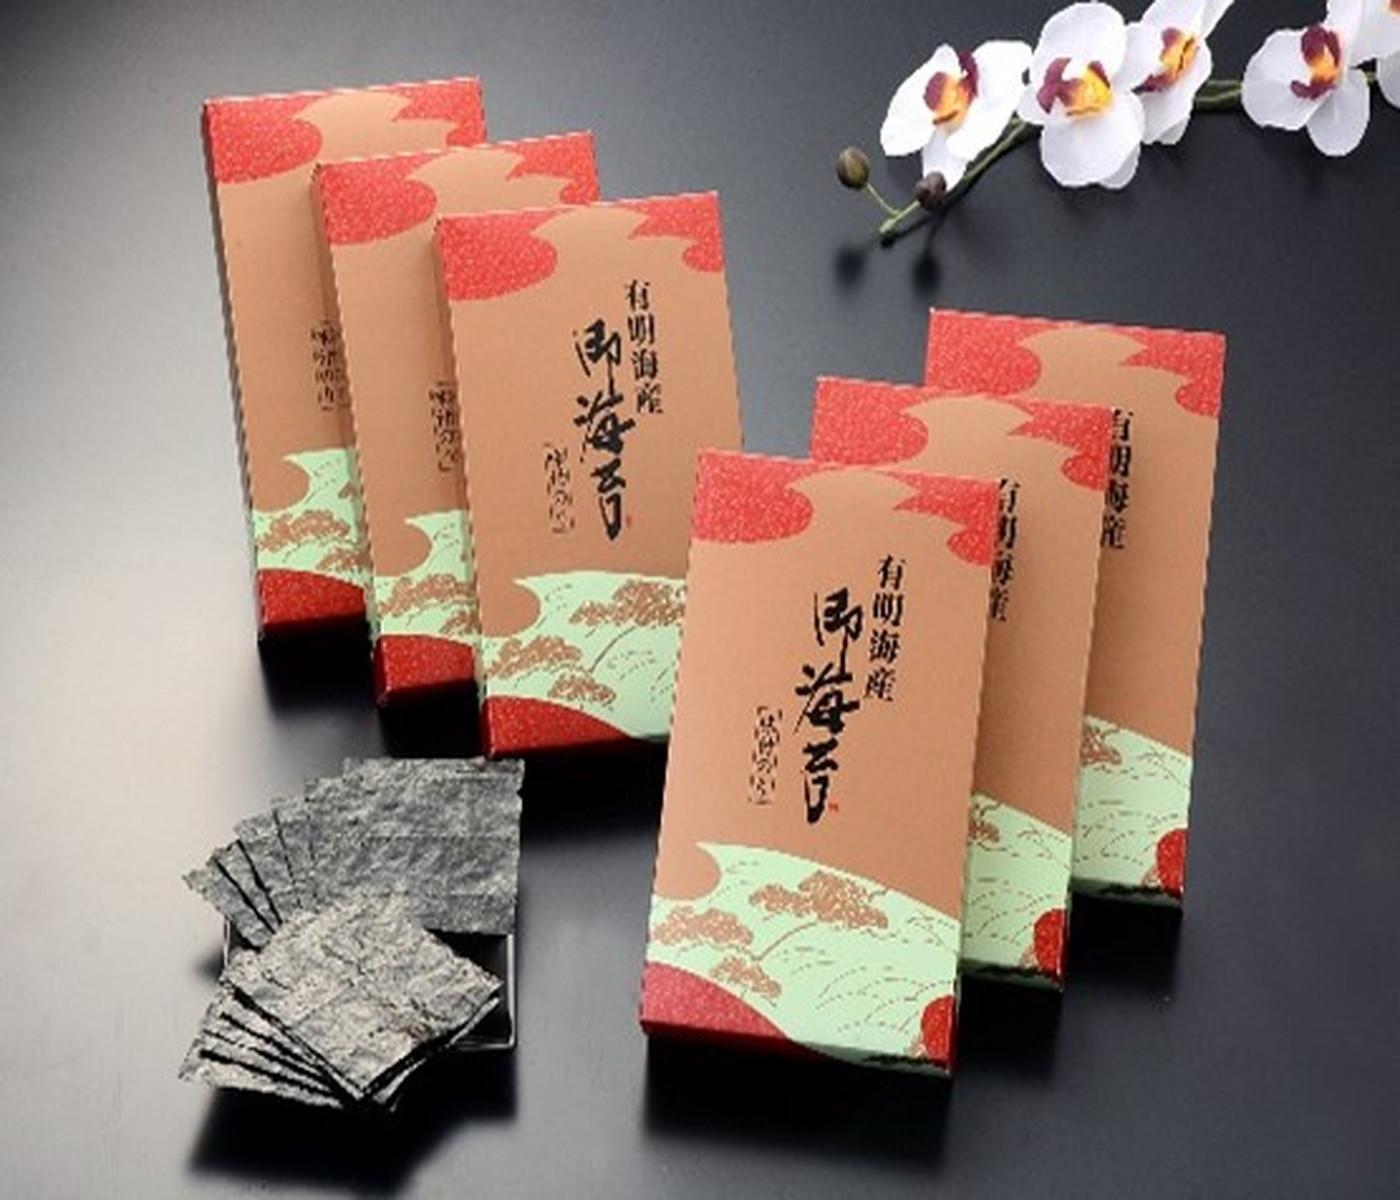 【ふるさと納税】【A5-124】老舗茶匠監修 有明海産味付海苔(6箱)